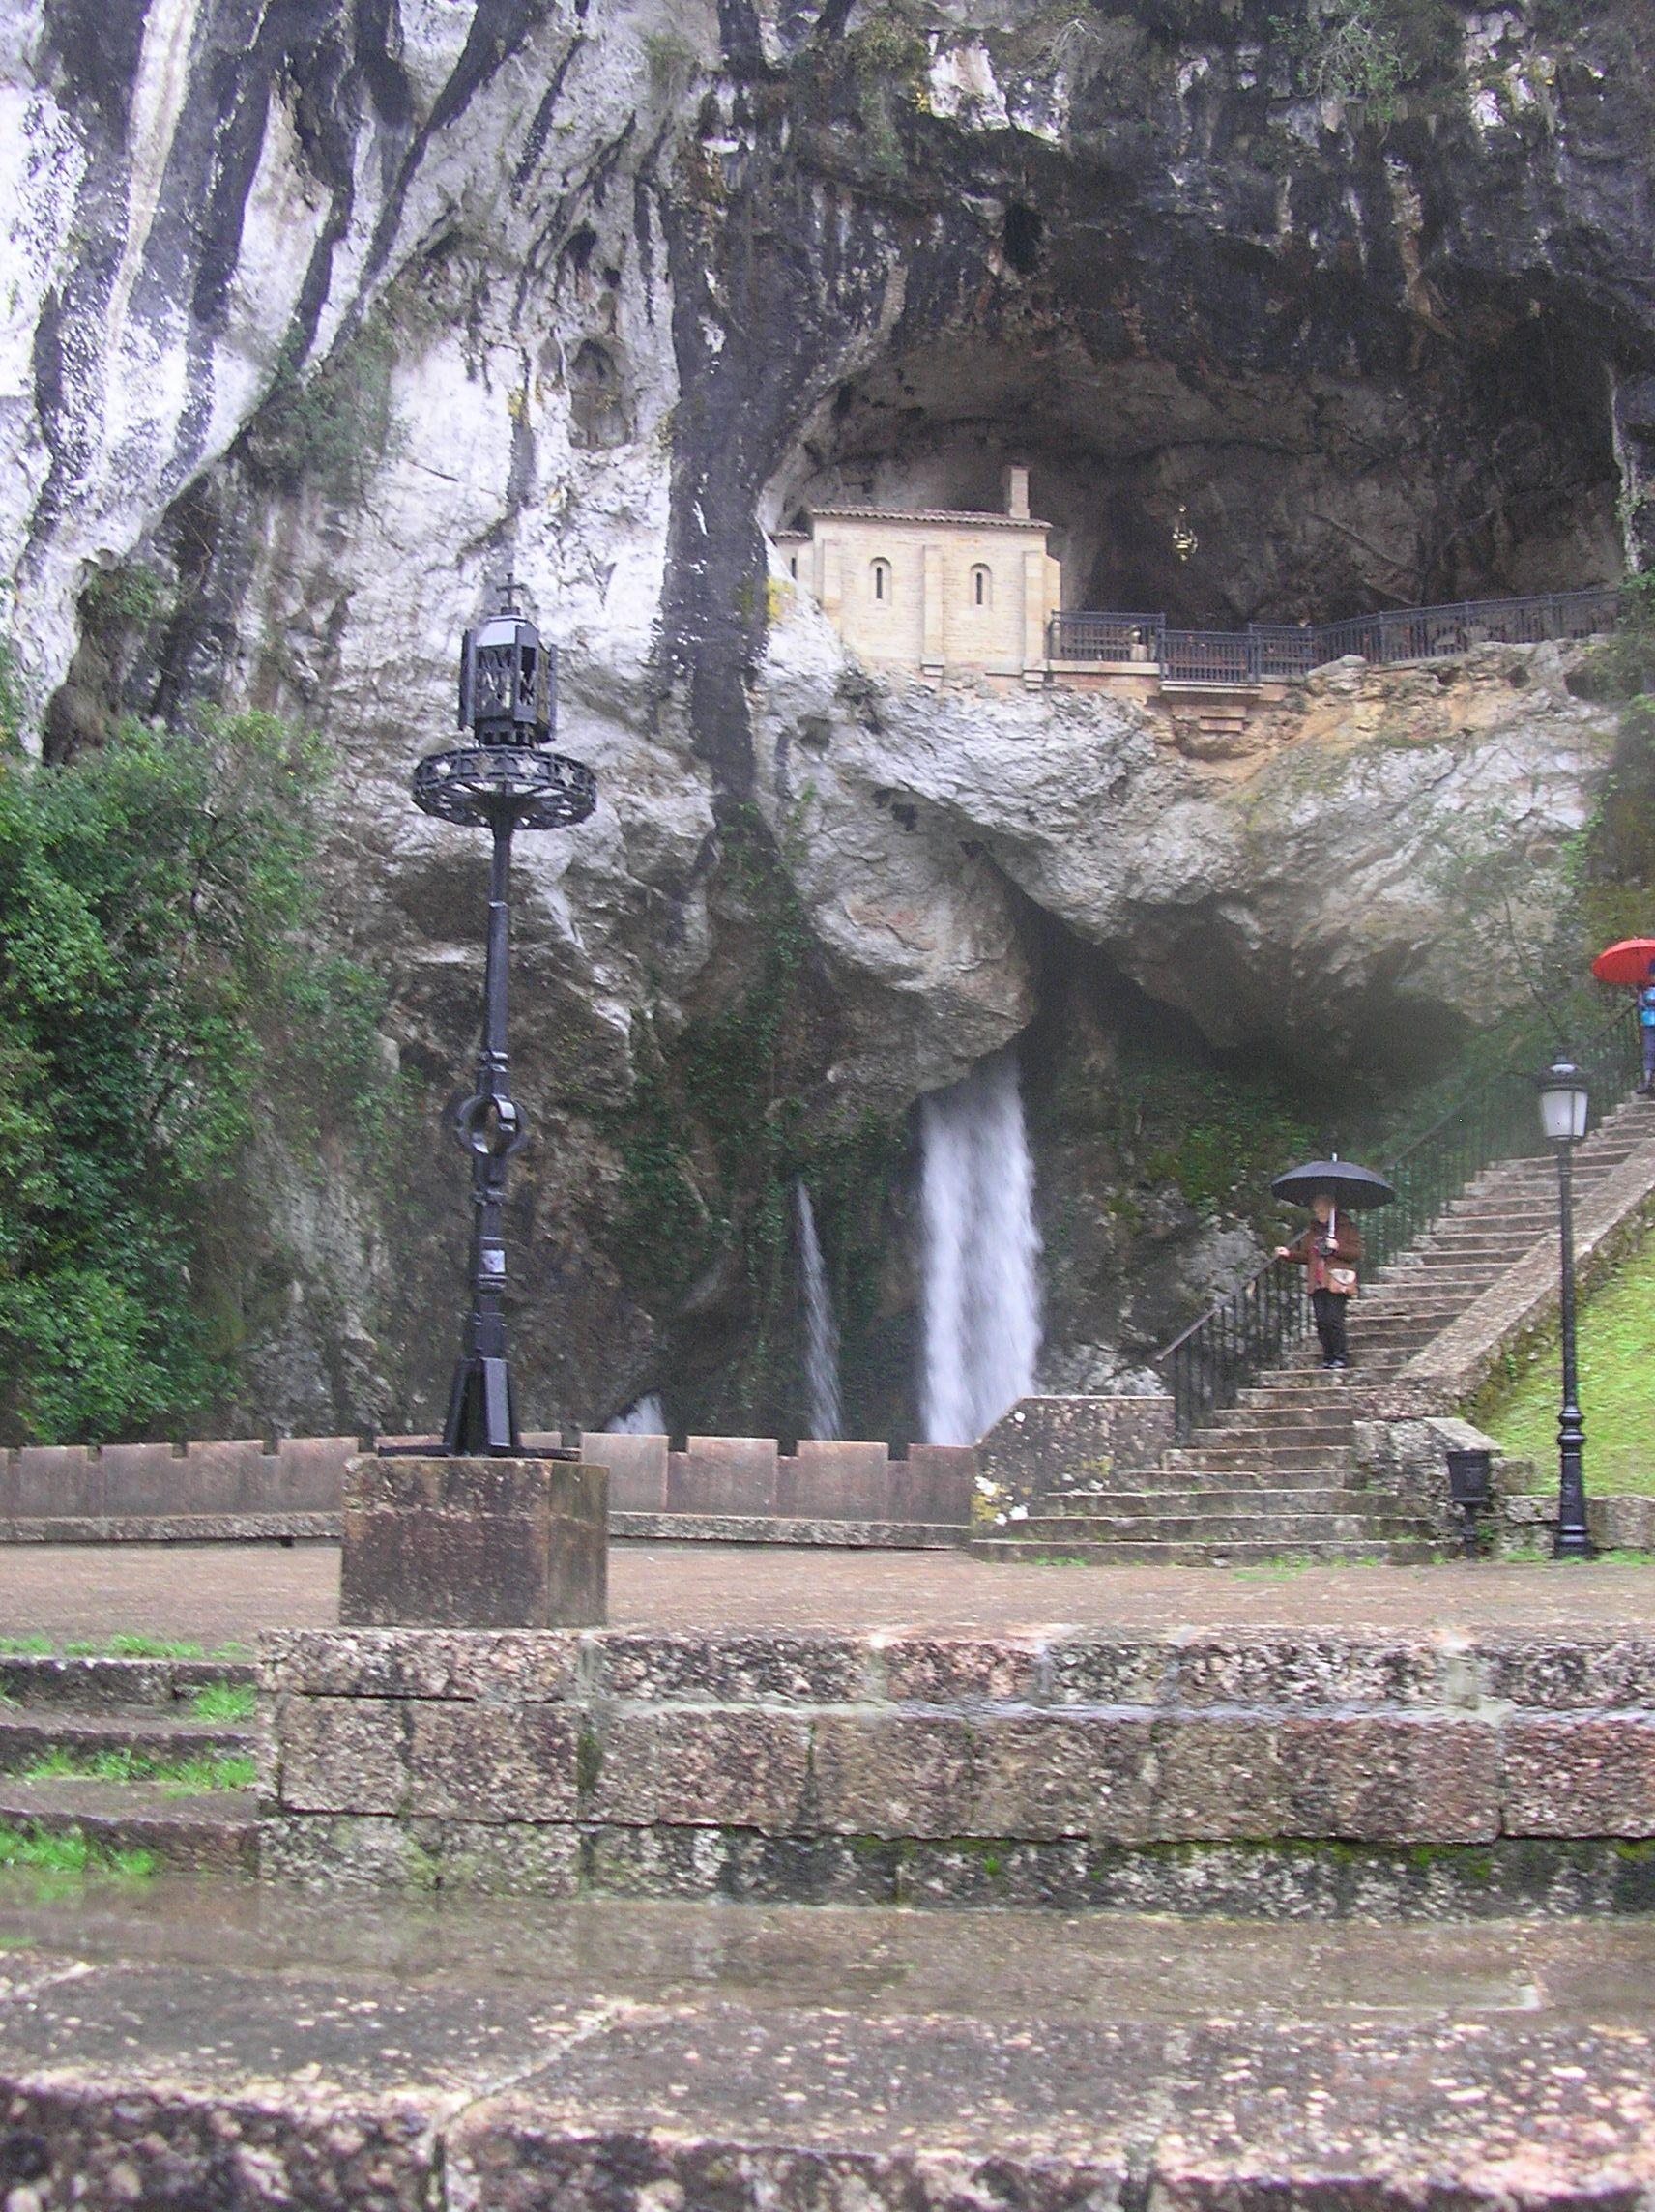 Cascada Bajo El Santuario De La Virgen De Covadonga Situado En Los Picos De Europa Lugar De Historia Y De Leyendas Del Rey Pelayo La Virgen De Paraiso Nature